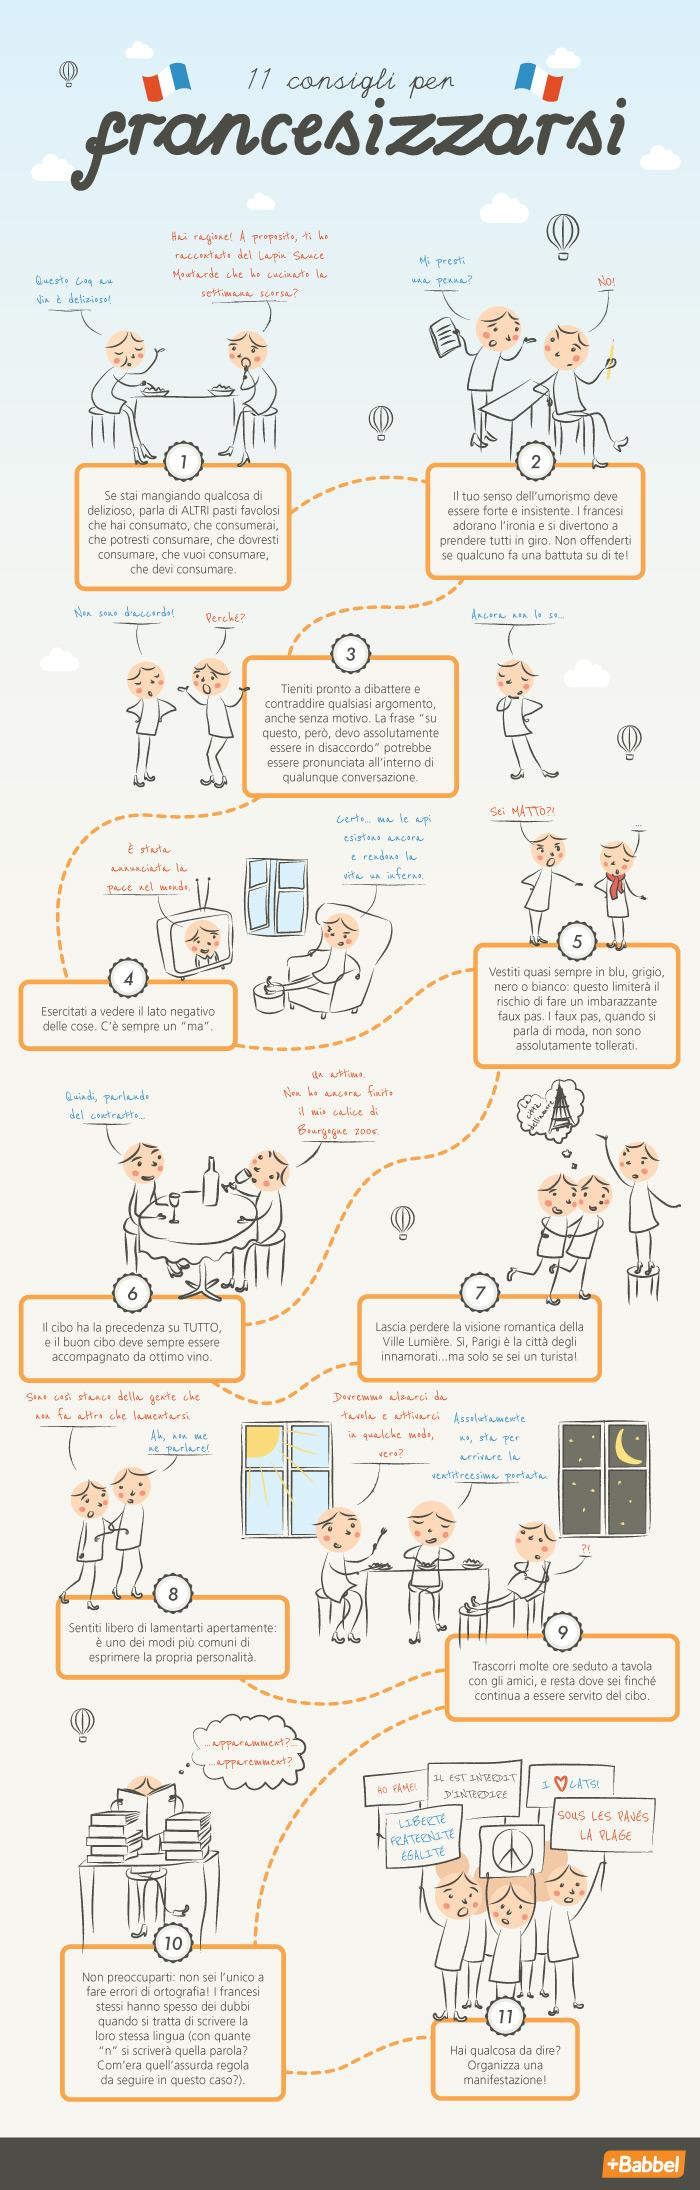 Undici consigli per francesizzarsi